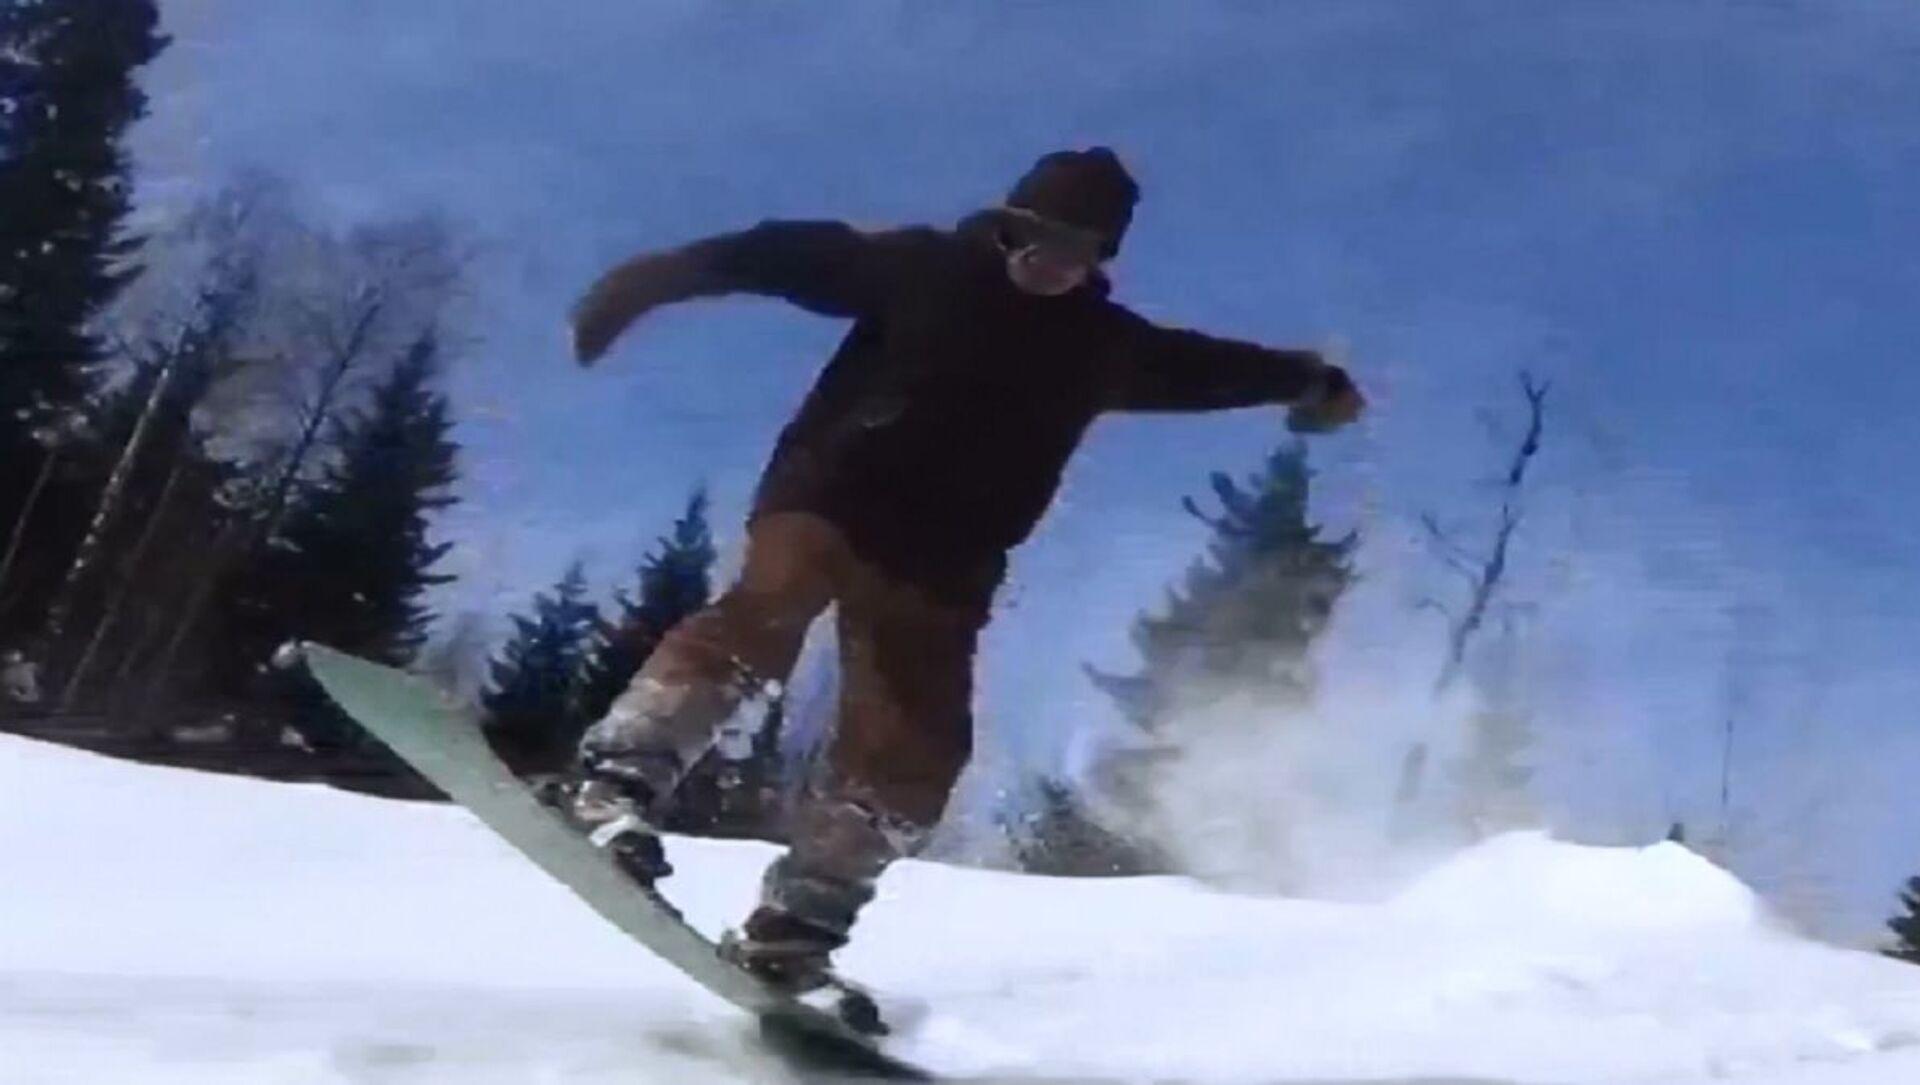 Lo snowboarder pensionato scende dalle montagne - Sputnik Italia, 1920, 20.04.2021